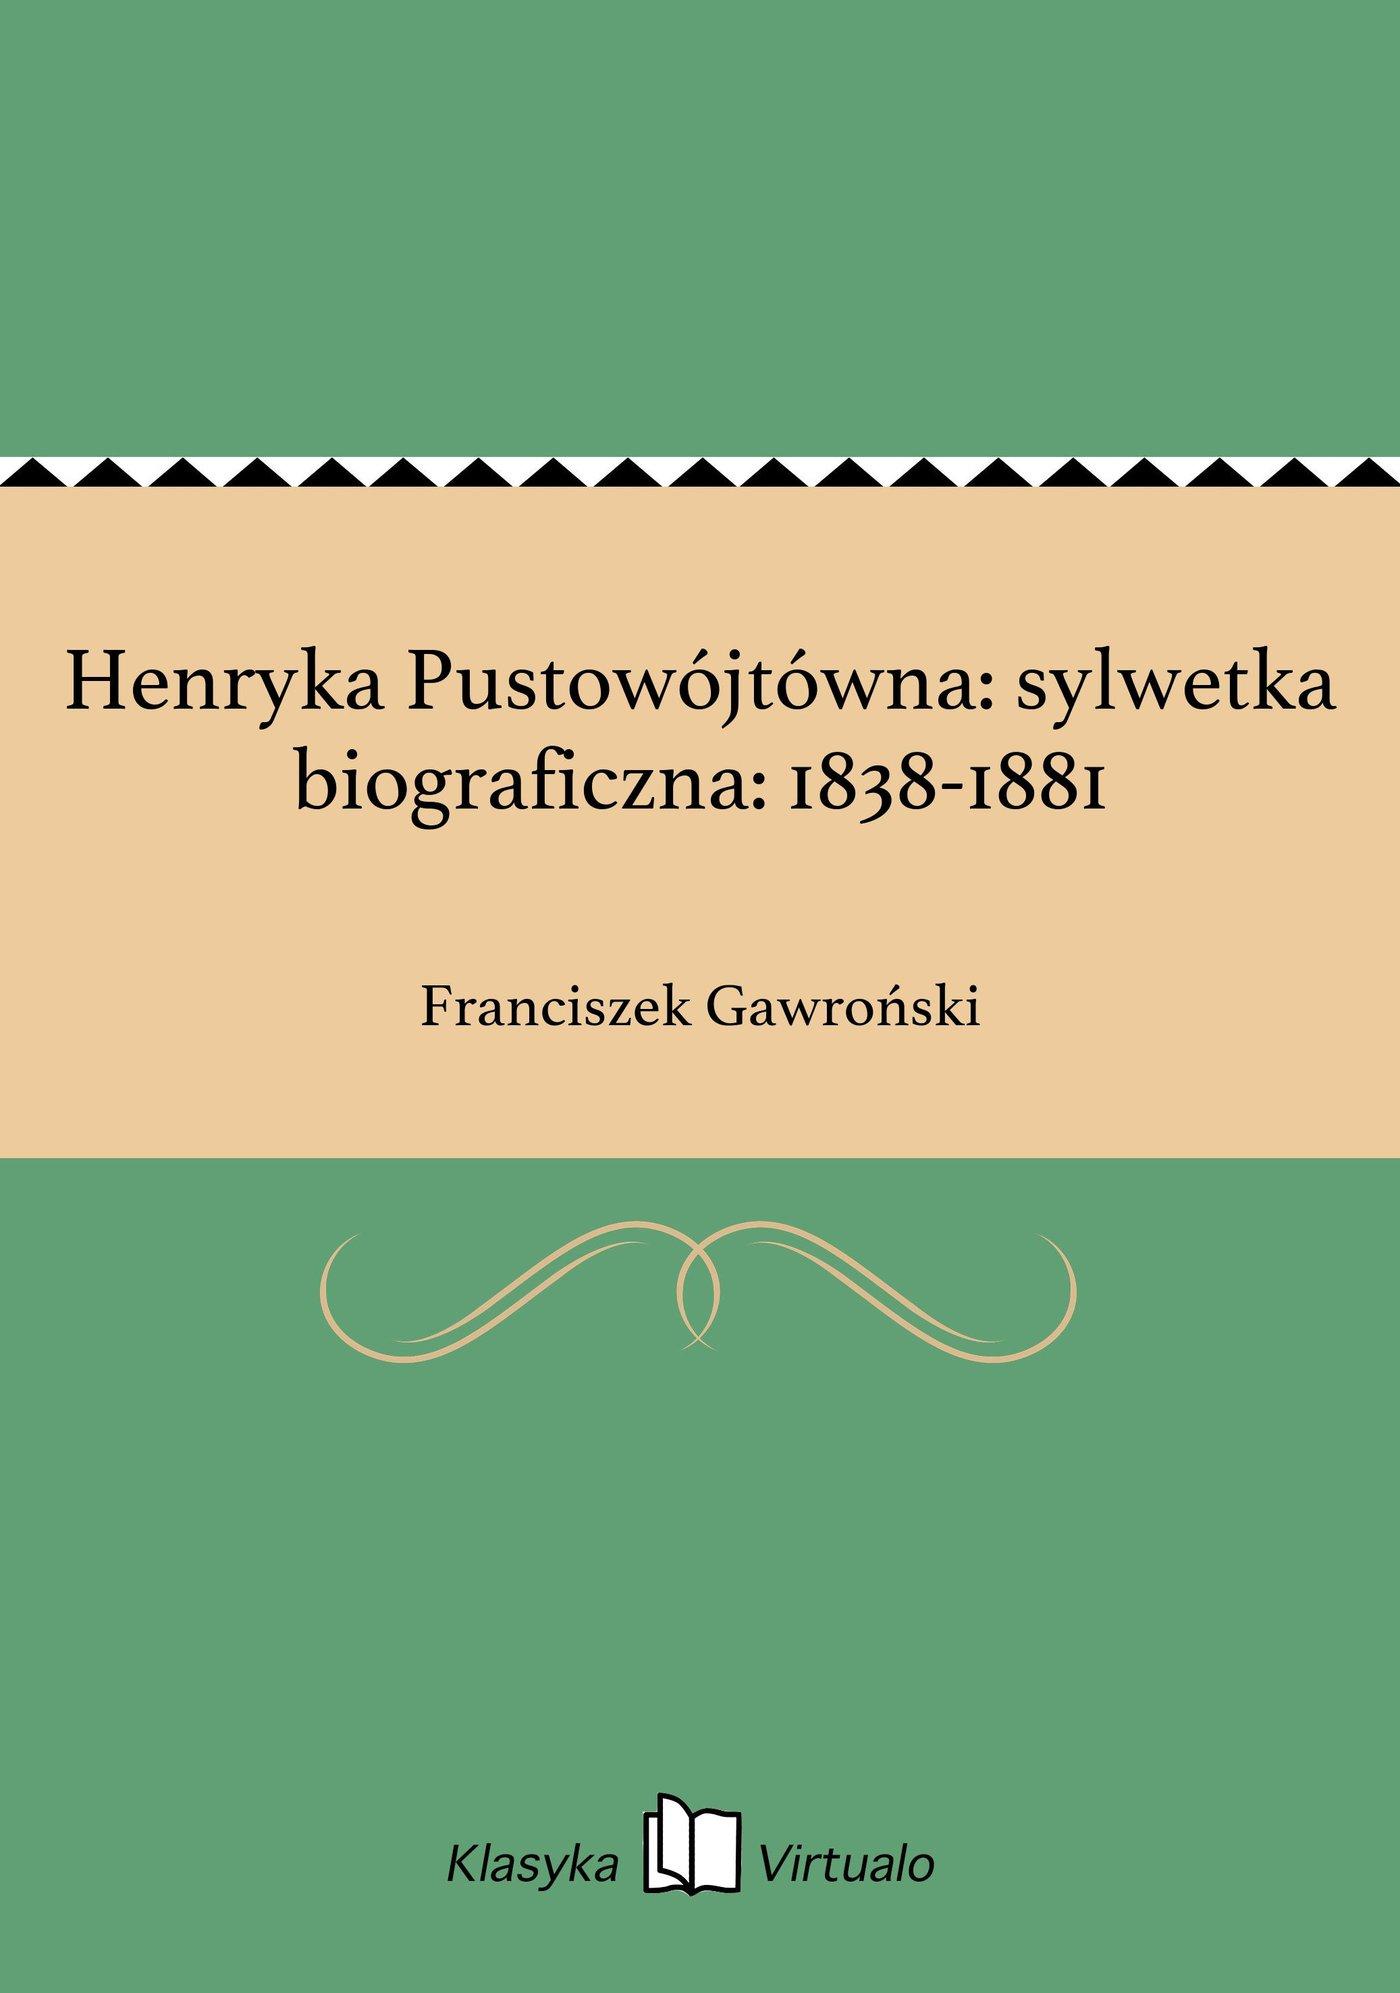 Henryka Pustowójtówna: sylwetka biograficzna: 1838-1881 - Ebook (Książka EPUB) do pobrania w formacie EPUB